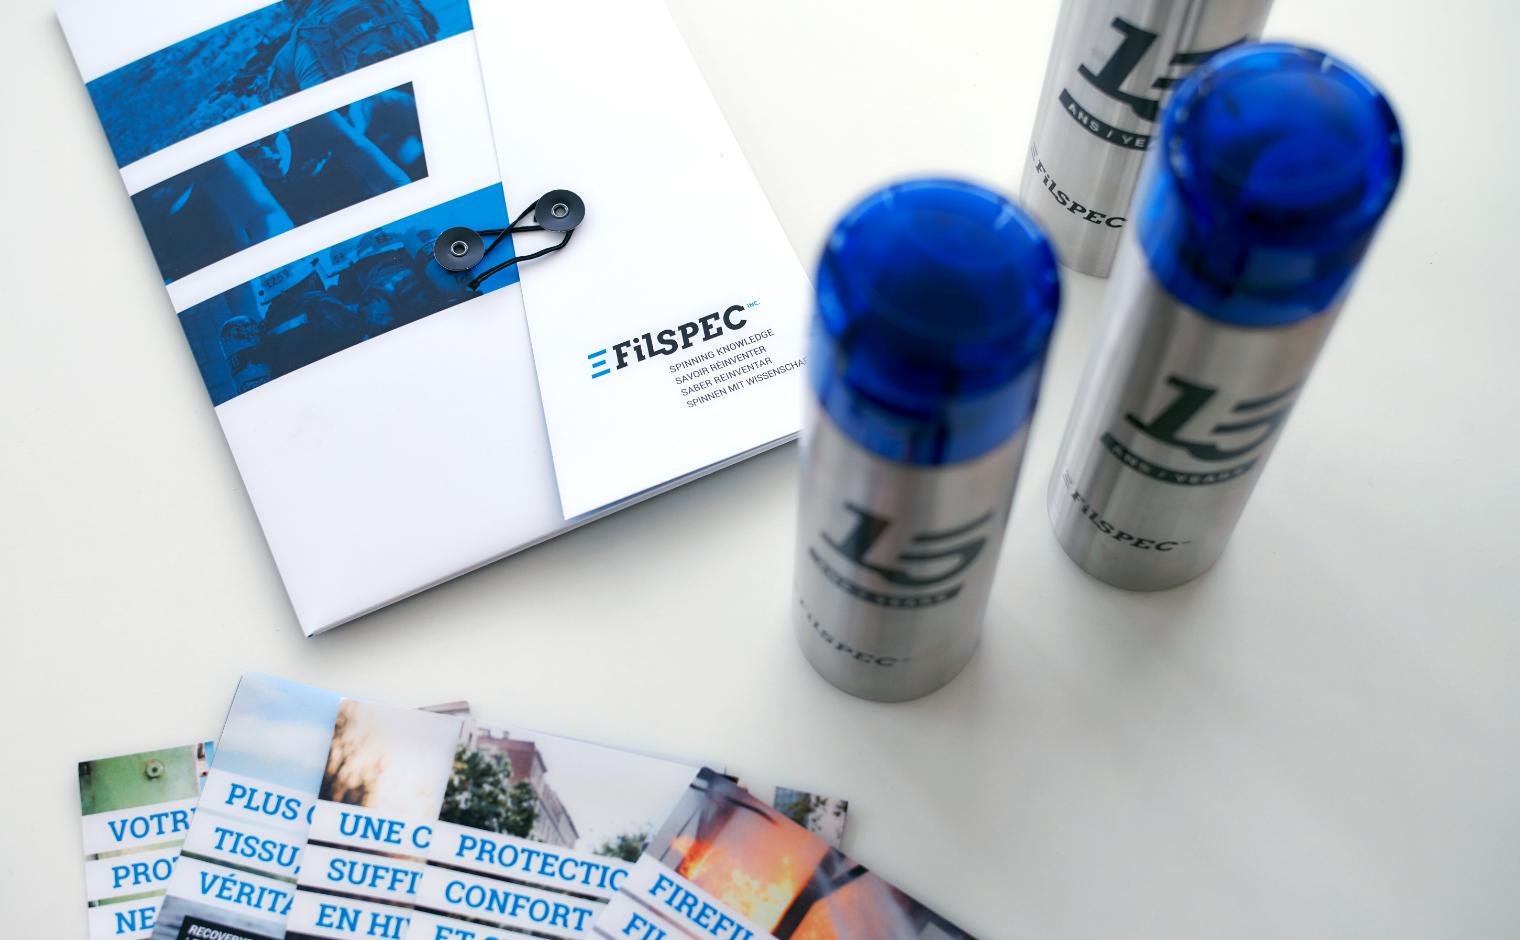 15e anniversaire FilSpec - Pochette d'entreprise et bouteilles d'eau